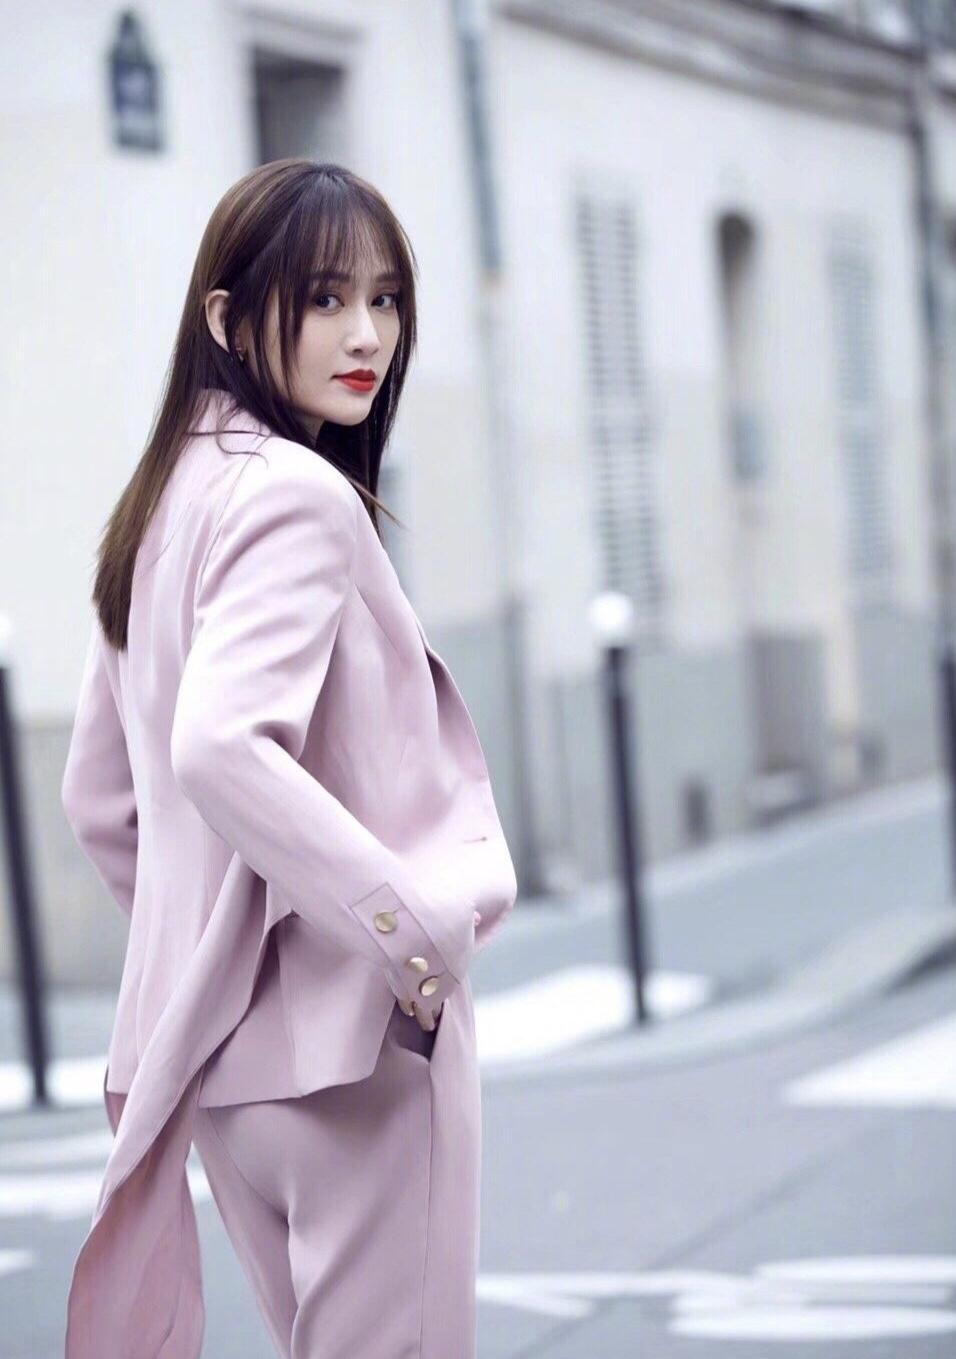 陈乔恩加盟《女儿们的恋爱》第二季 独立爱情观获称赞